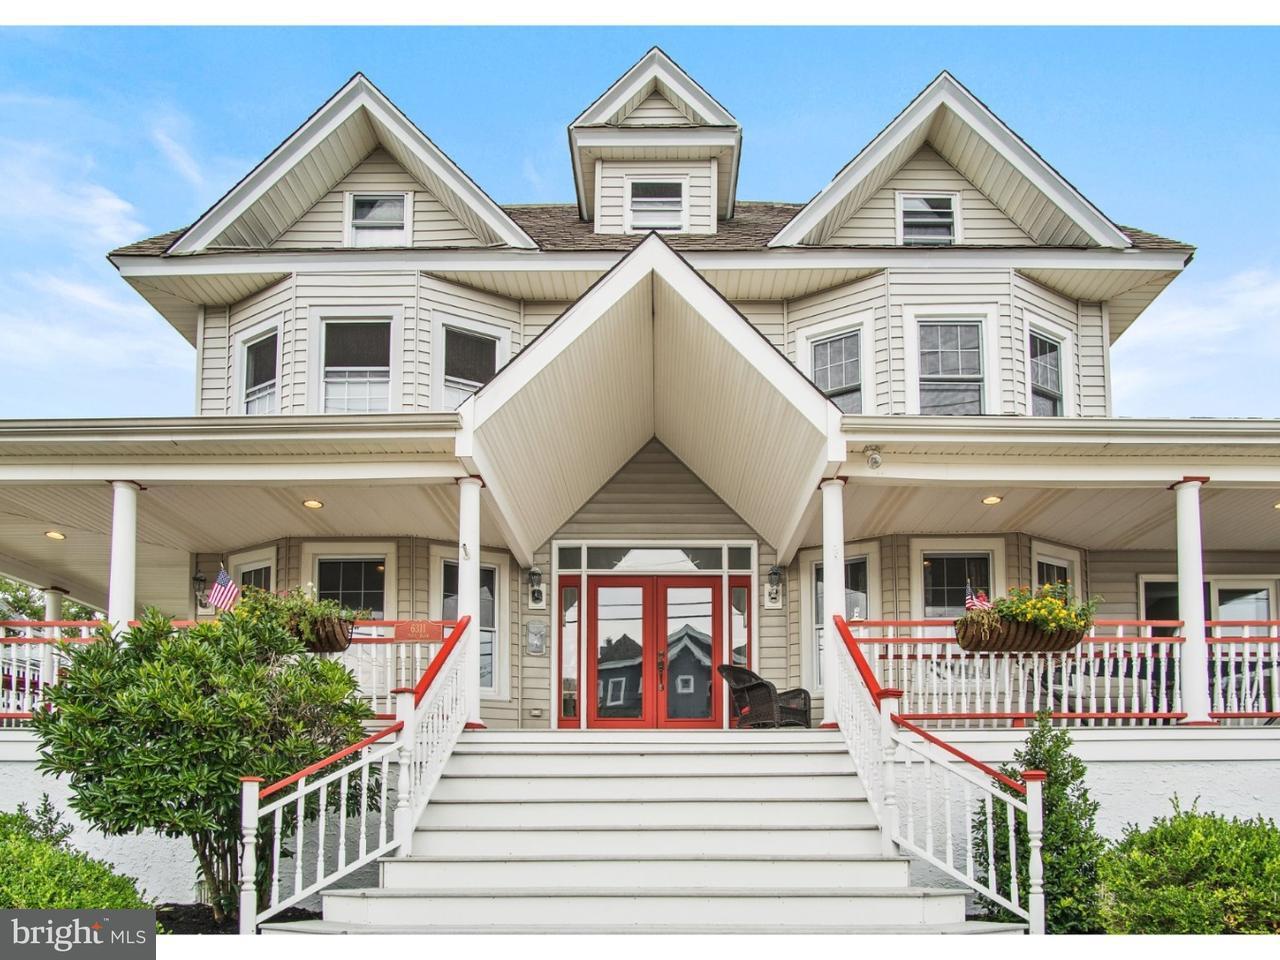 Частный односемейный дом для того Продажа на 6311 PARK BLVD Wildwood, Нью-Джерси 08260 Соединенные Штаты